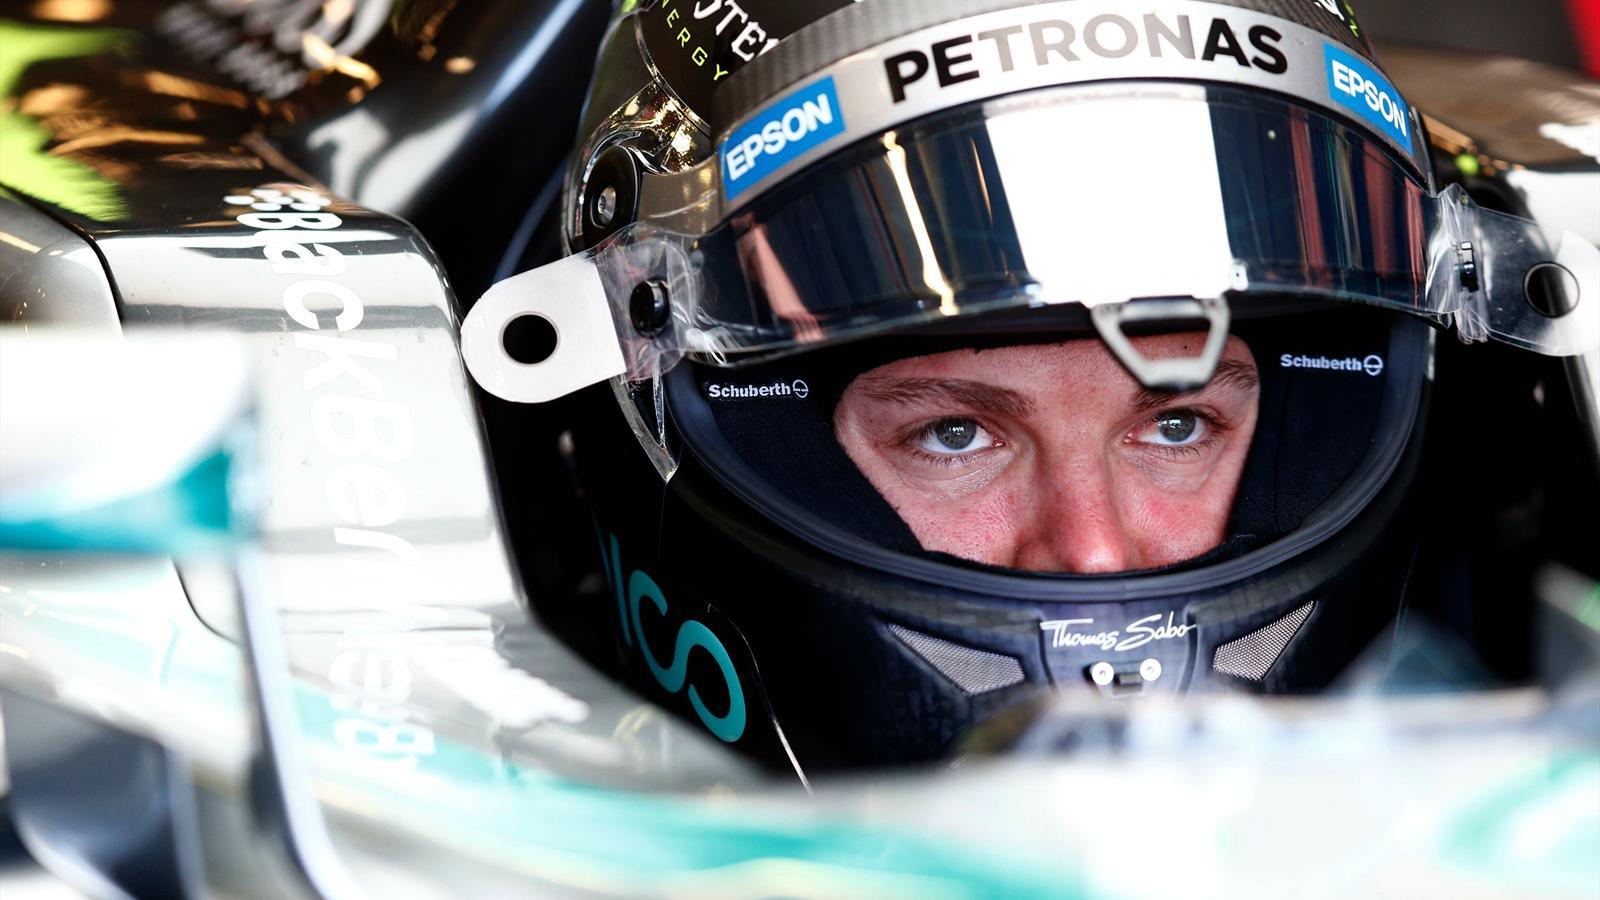 Spécial Sebastian Vettel (Formule un) - Page 11 1434727-30691418-1600-900